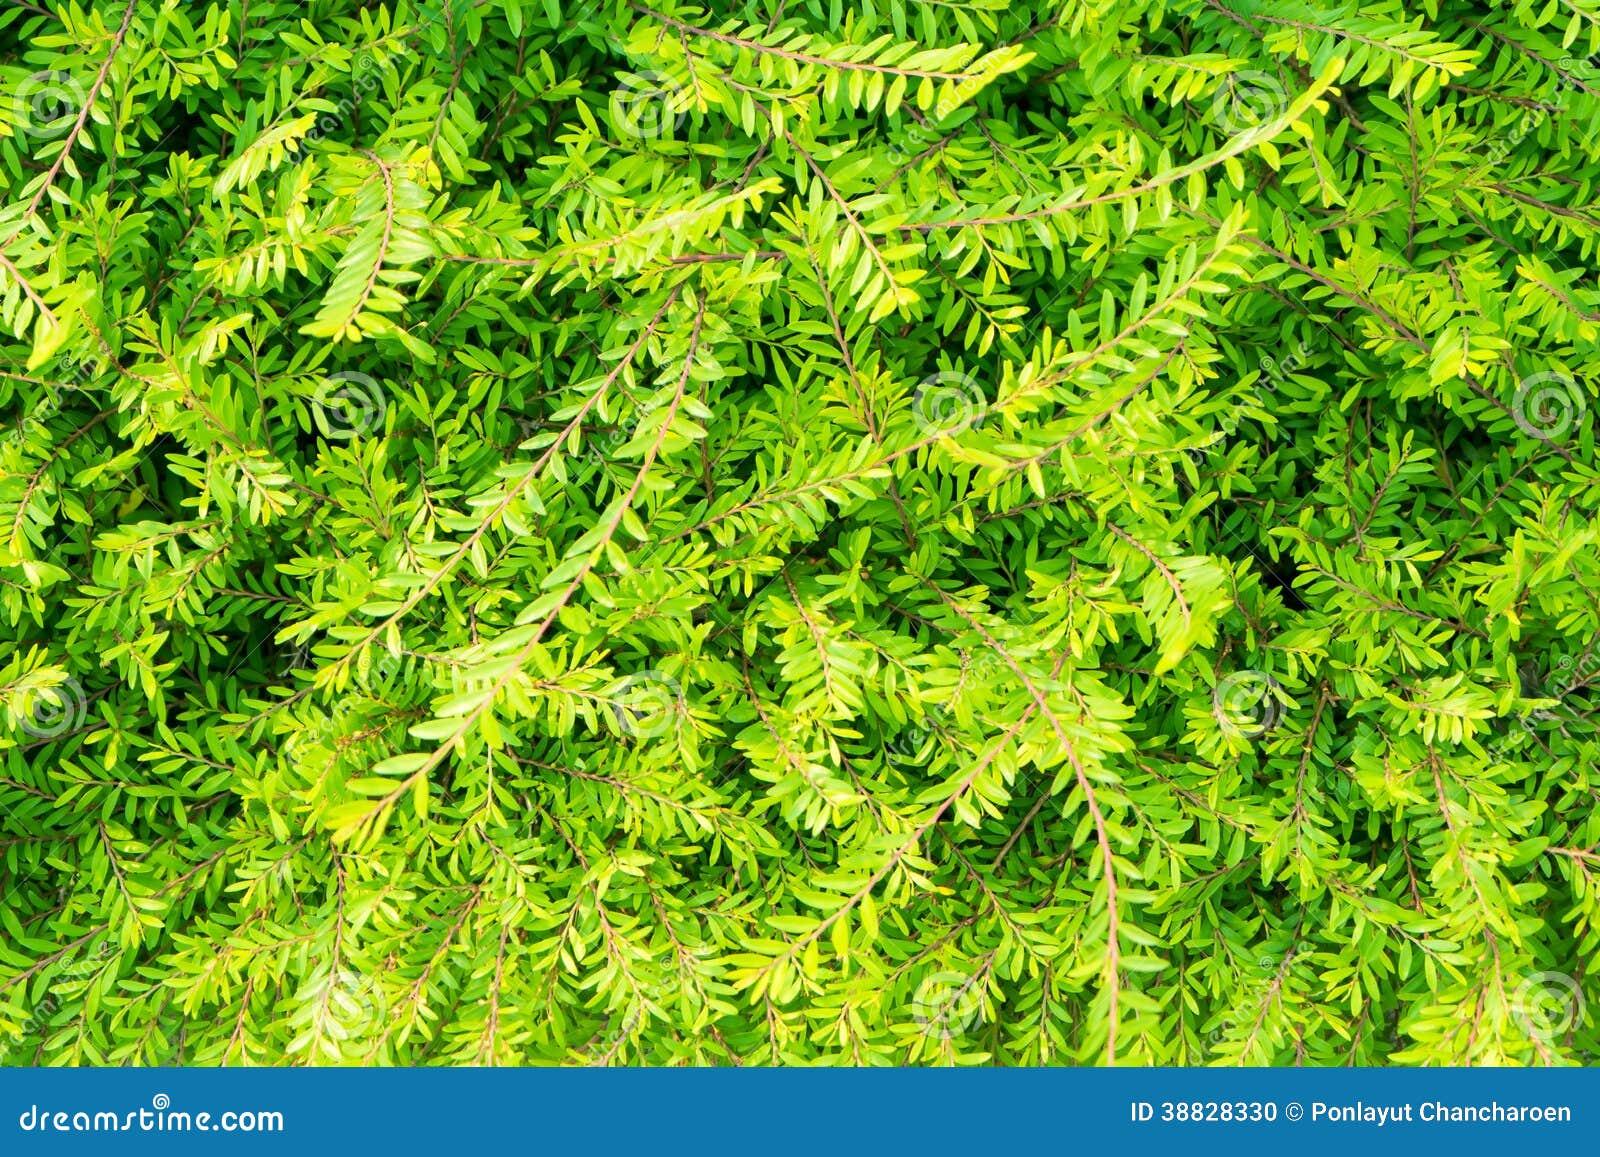 Arbusto verde de la planta en jard n foto de archivo for Arbustos de jardin